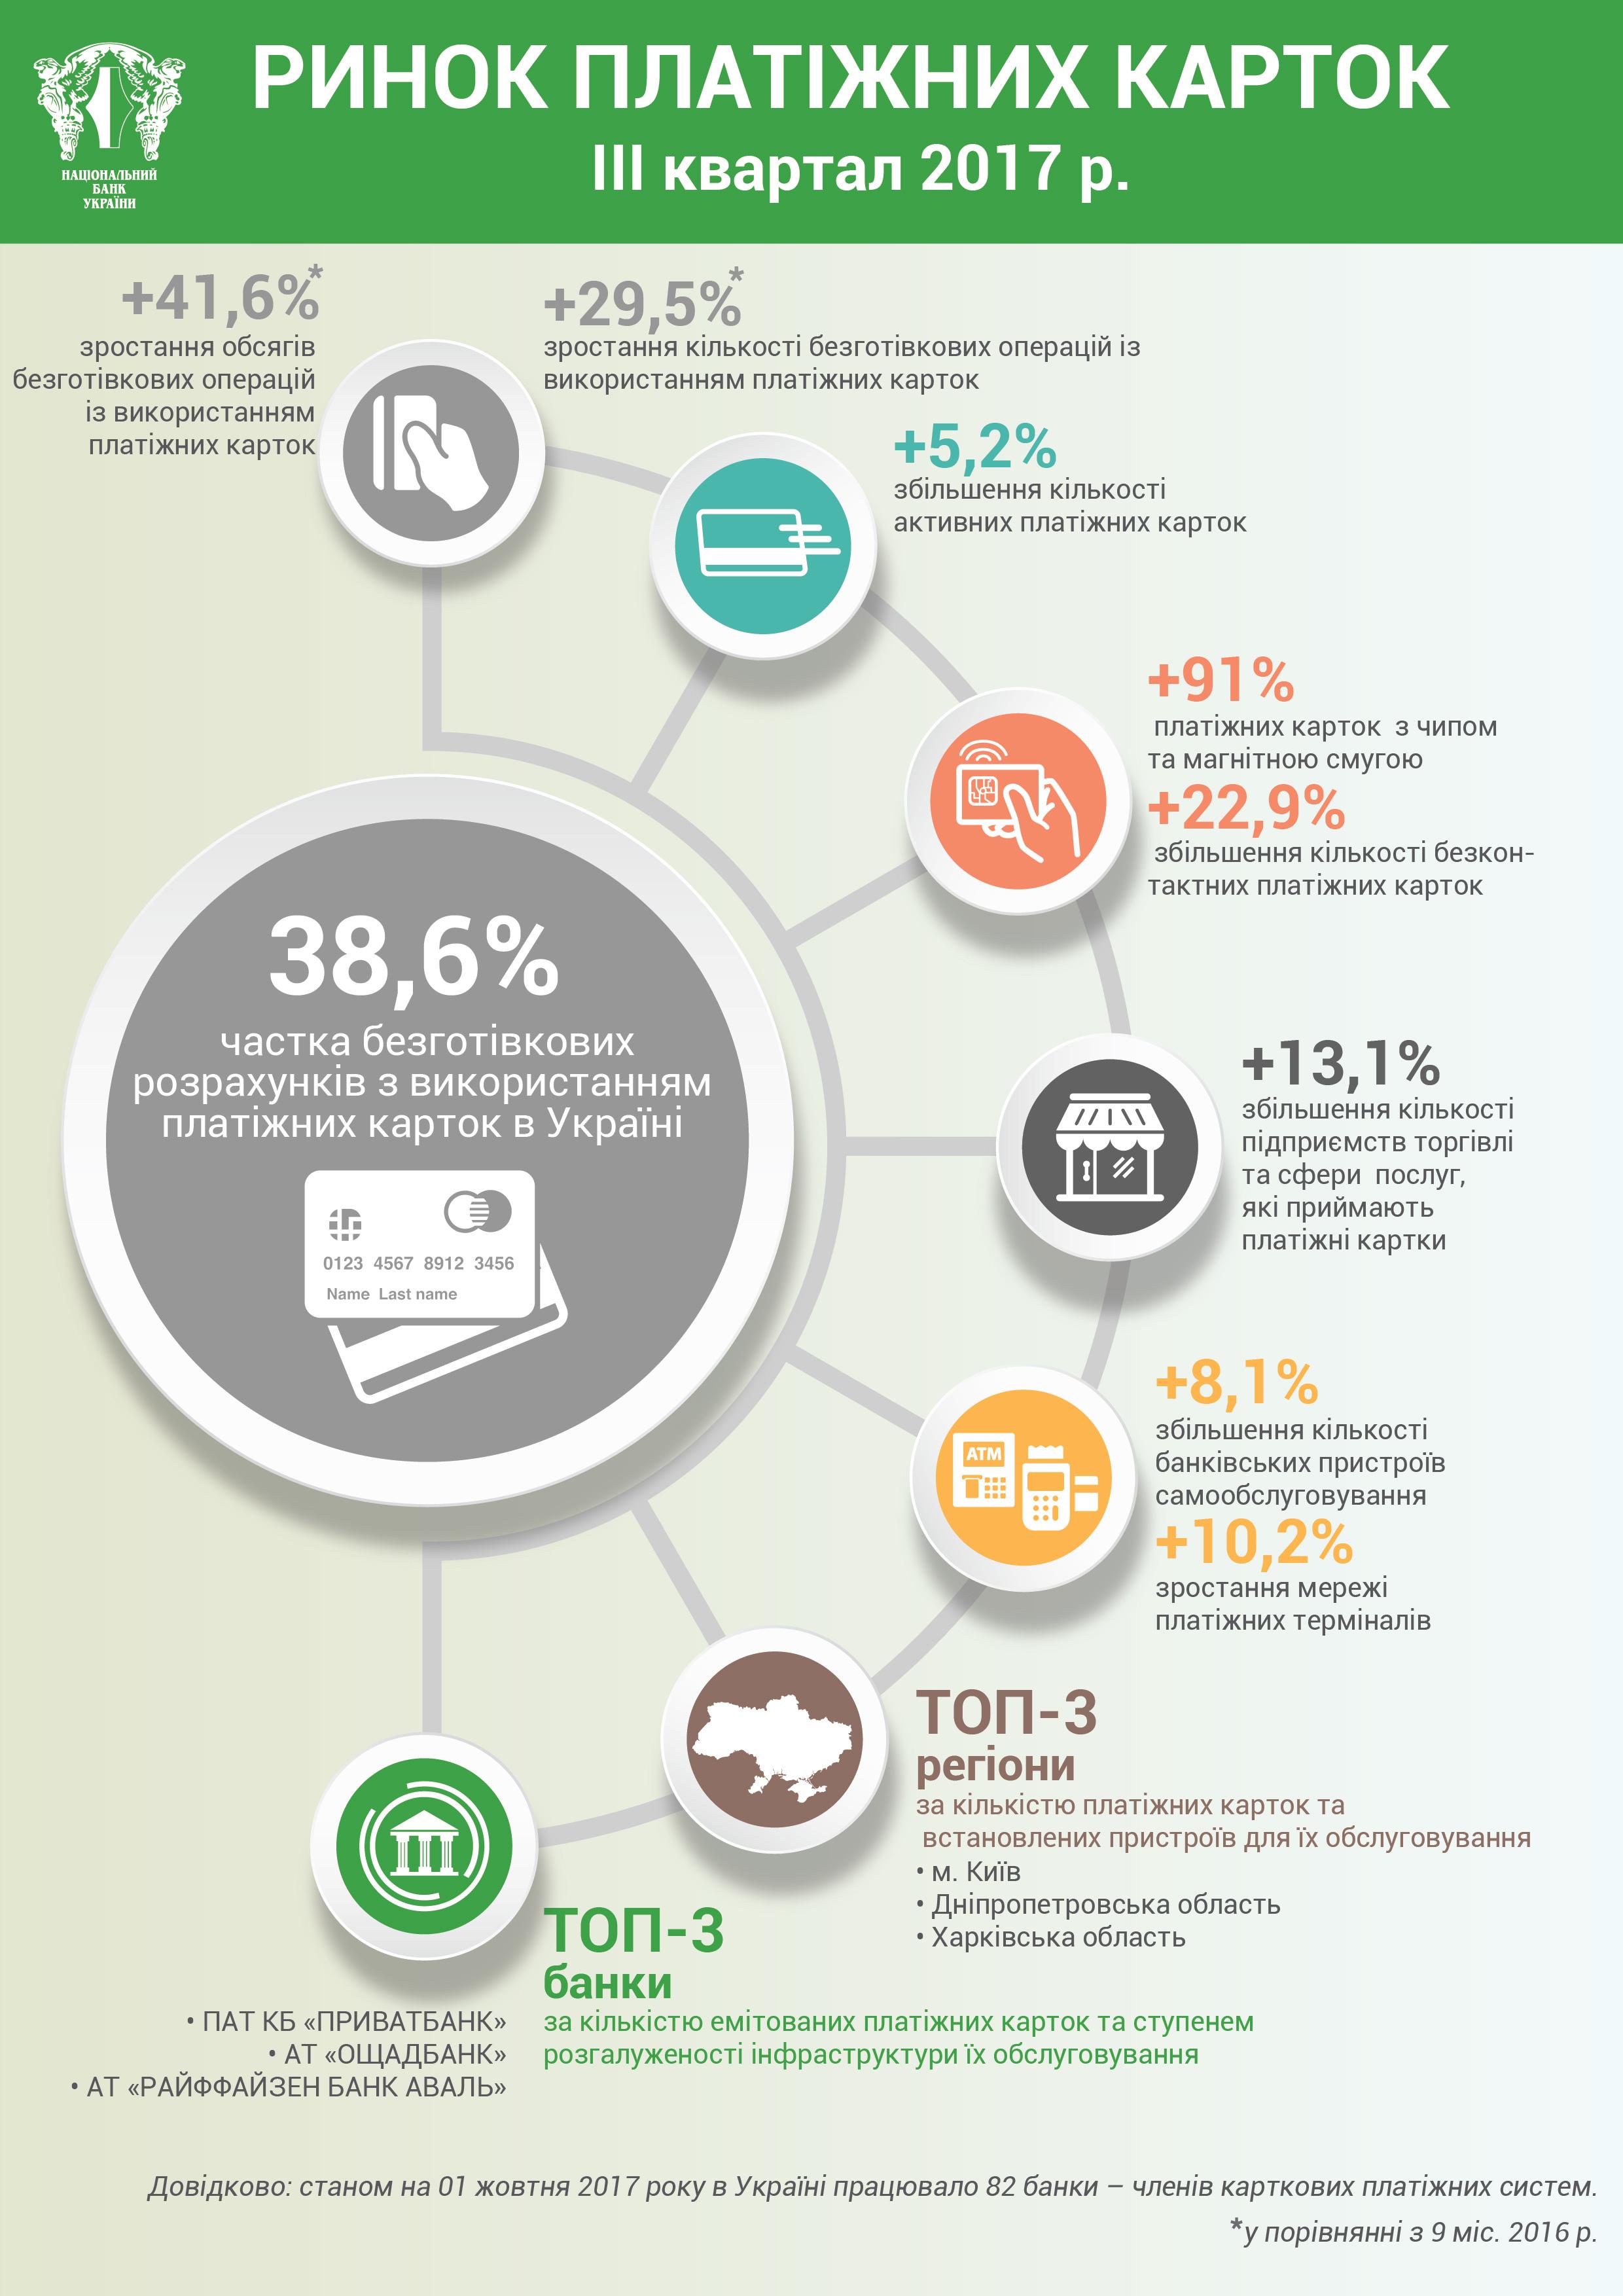 Чаще всего украинцы рассчитвваются картами в торговых сетях - НБУ - Новость Банки - ЛІГА.Финансы